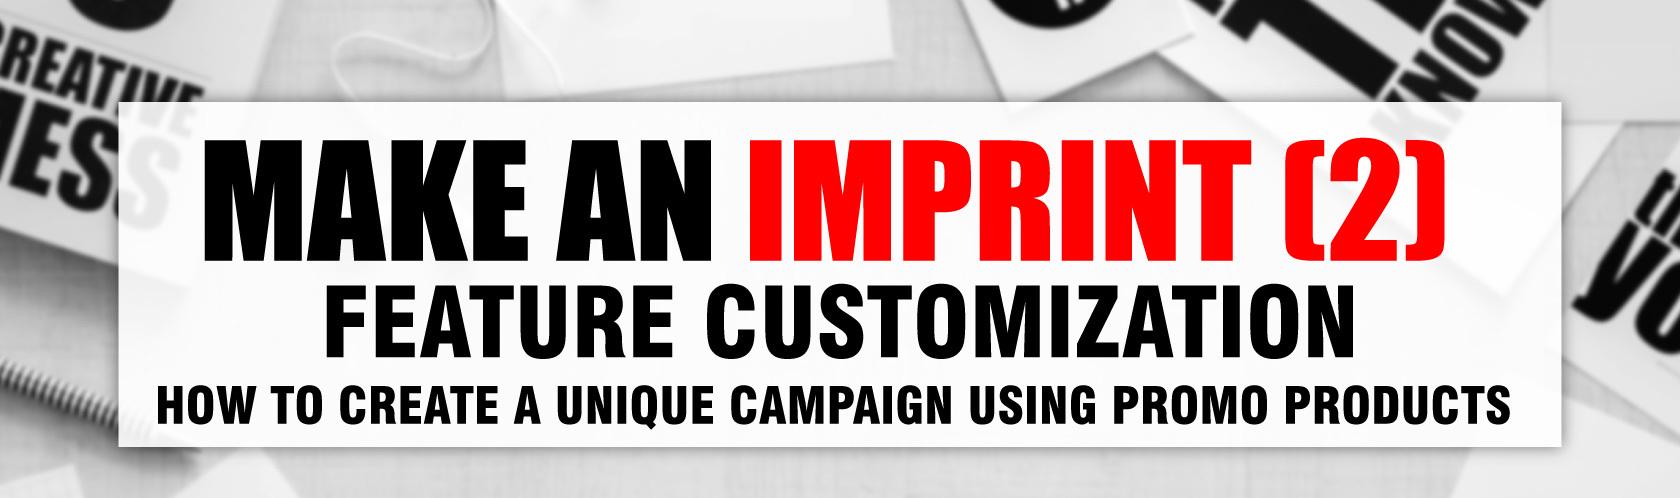 Make an Imprint (2): Feature Customization